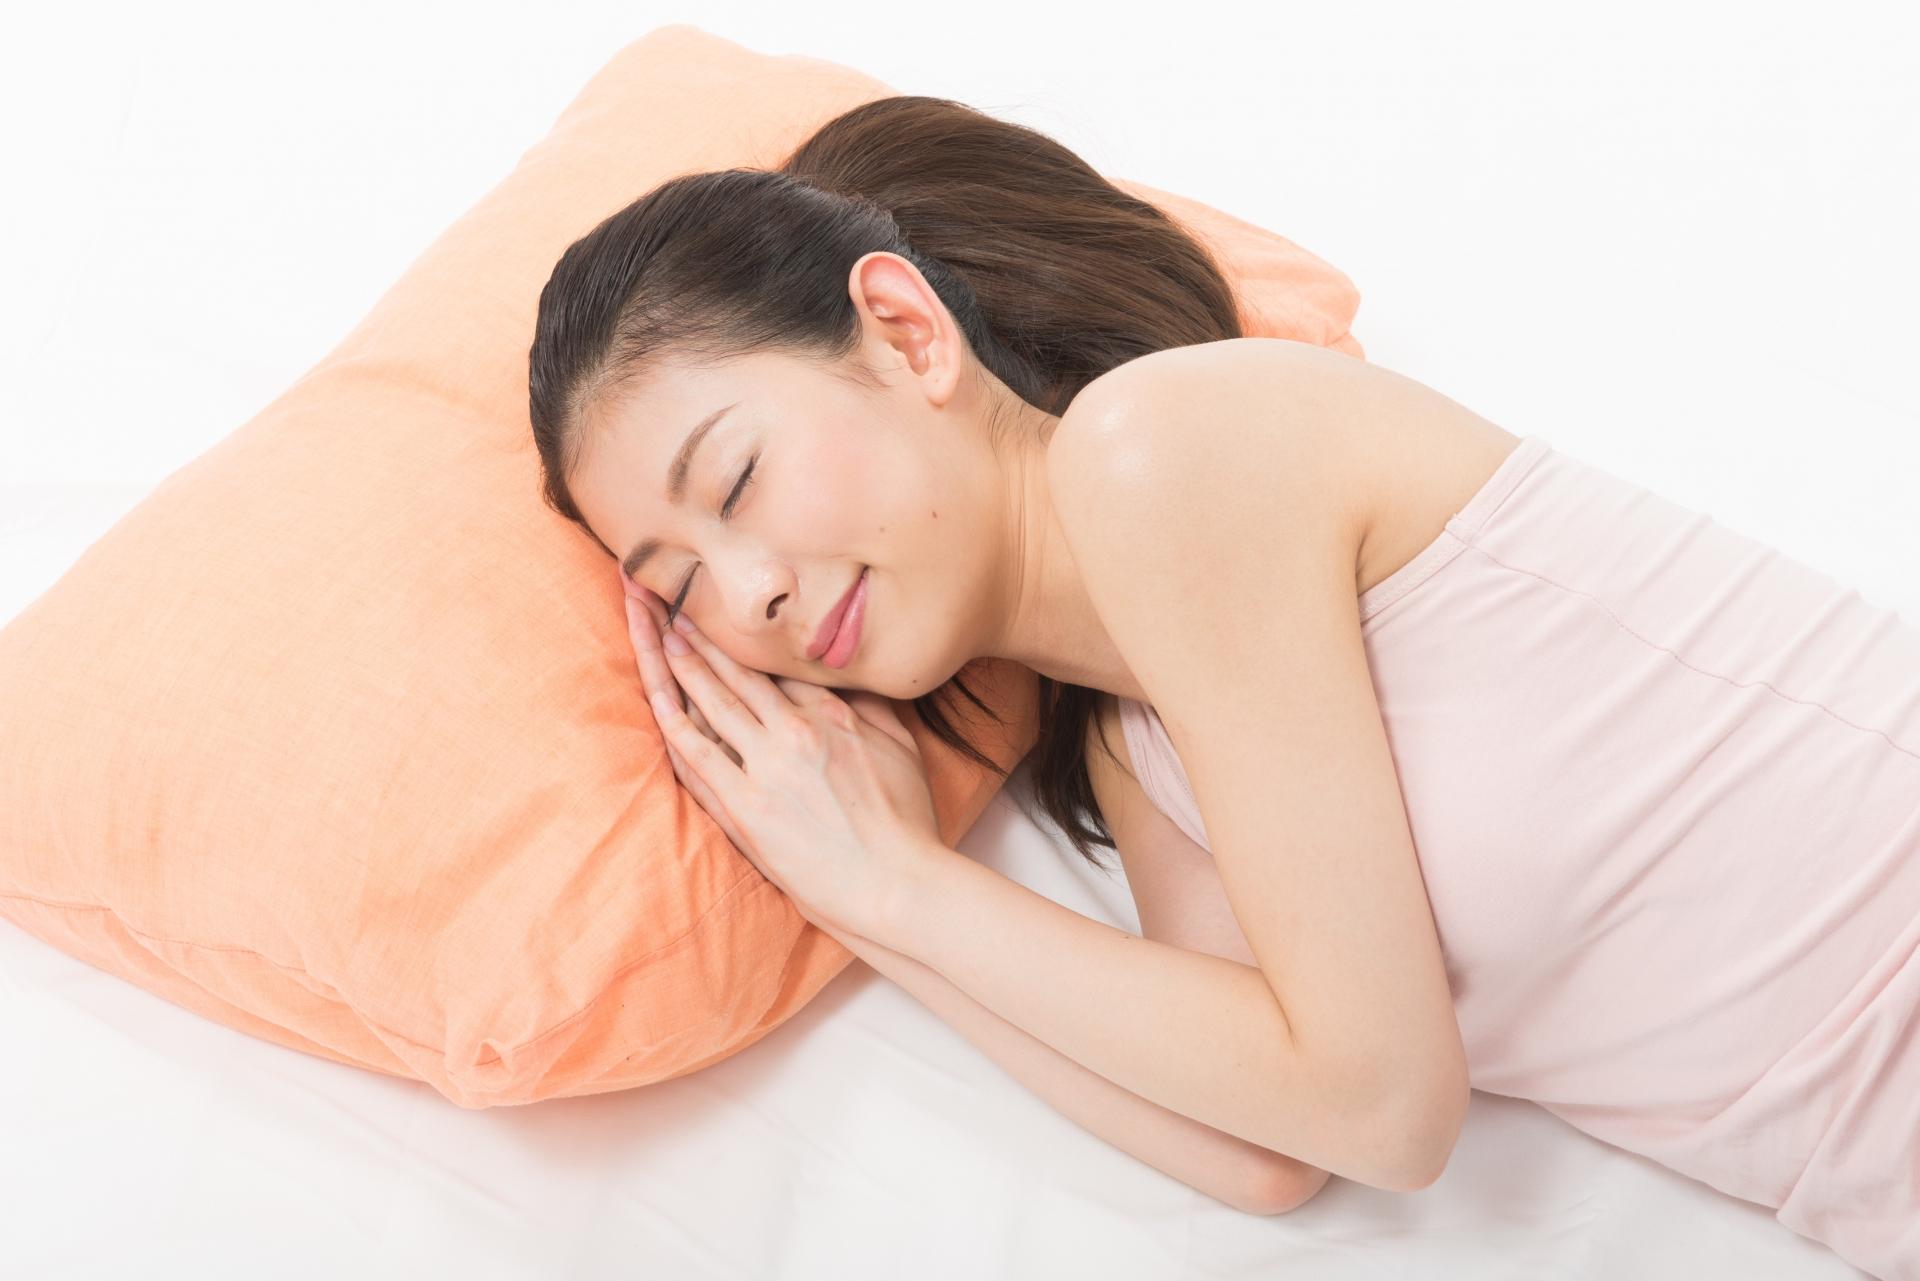 薄毛や抜け毛の原因になる眼精疲労は生活習慣が原因